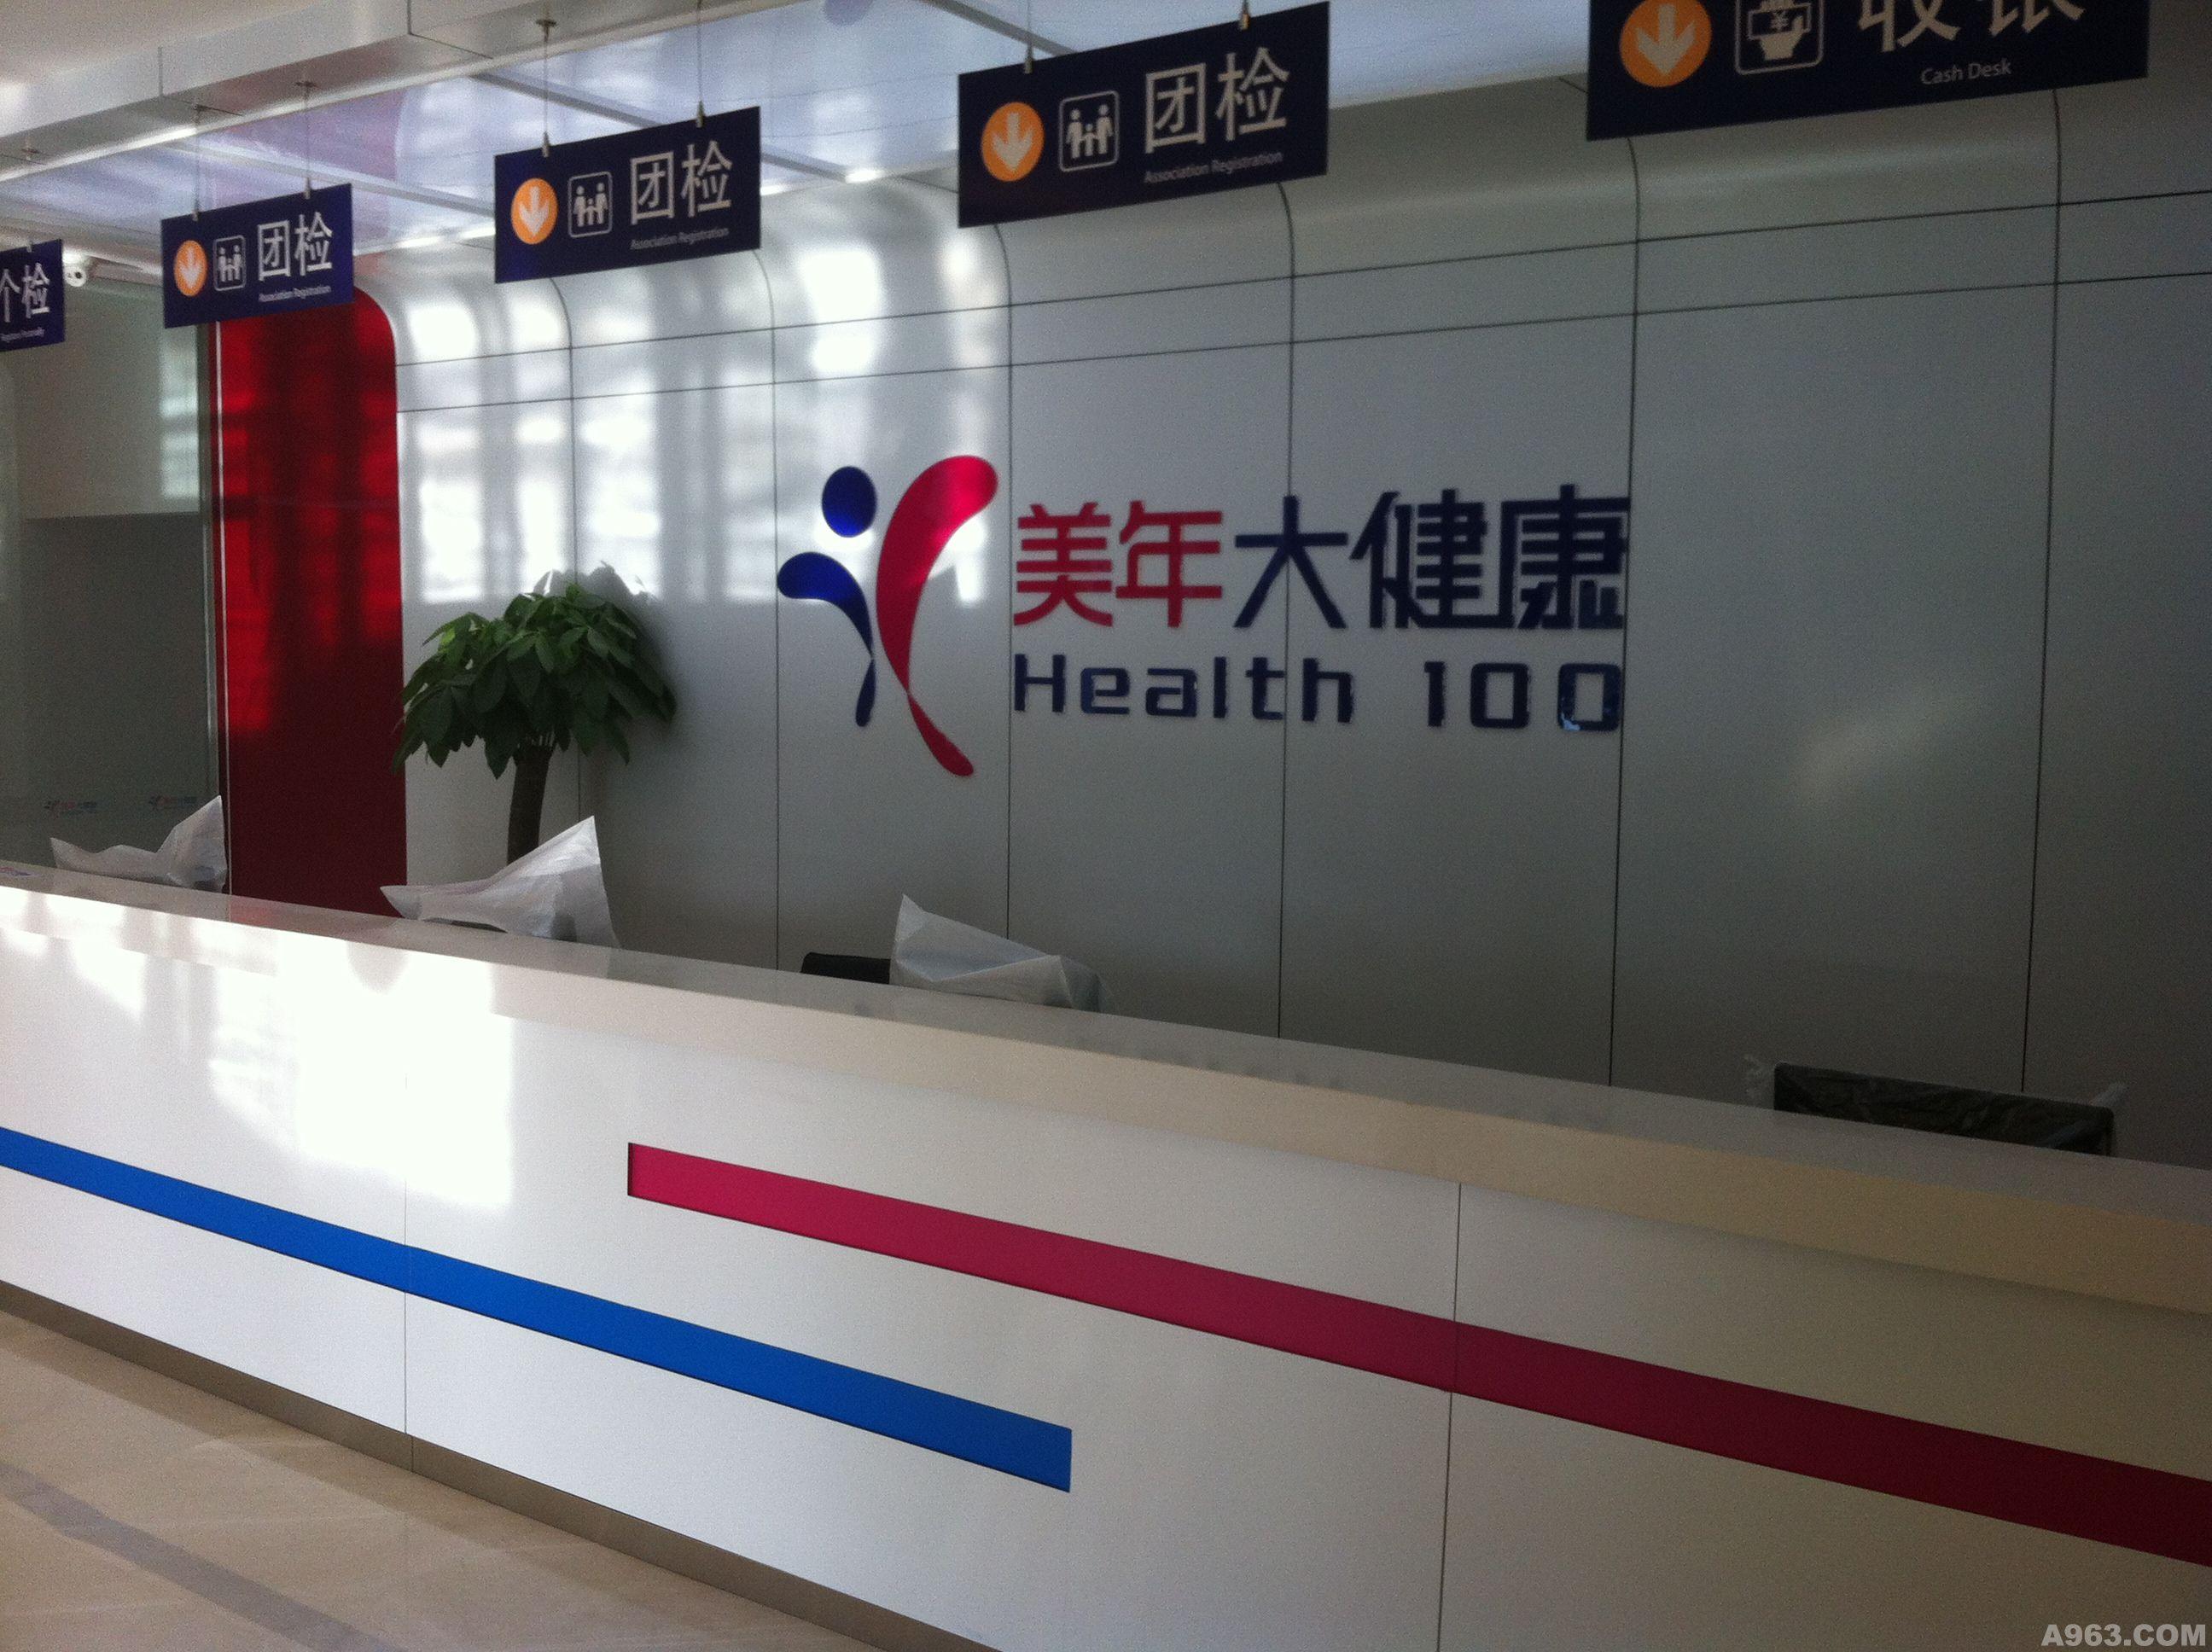 美年大健康体检中心太阳宫分院